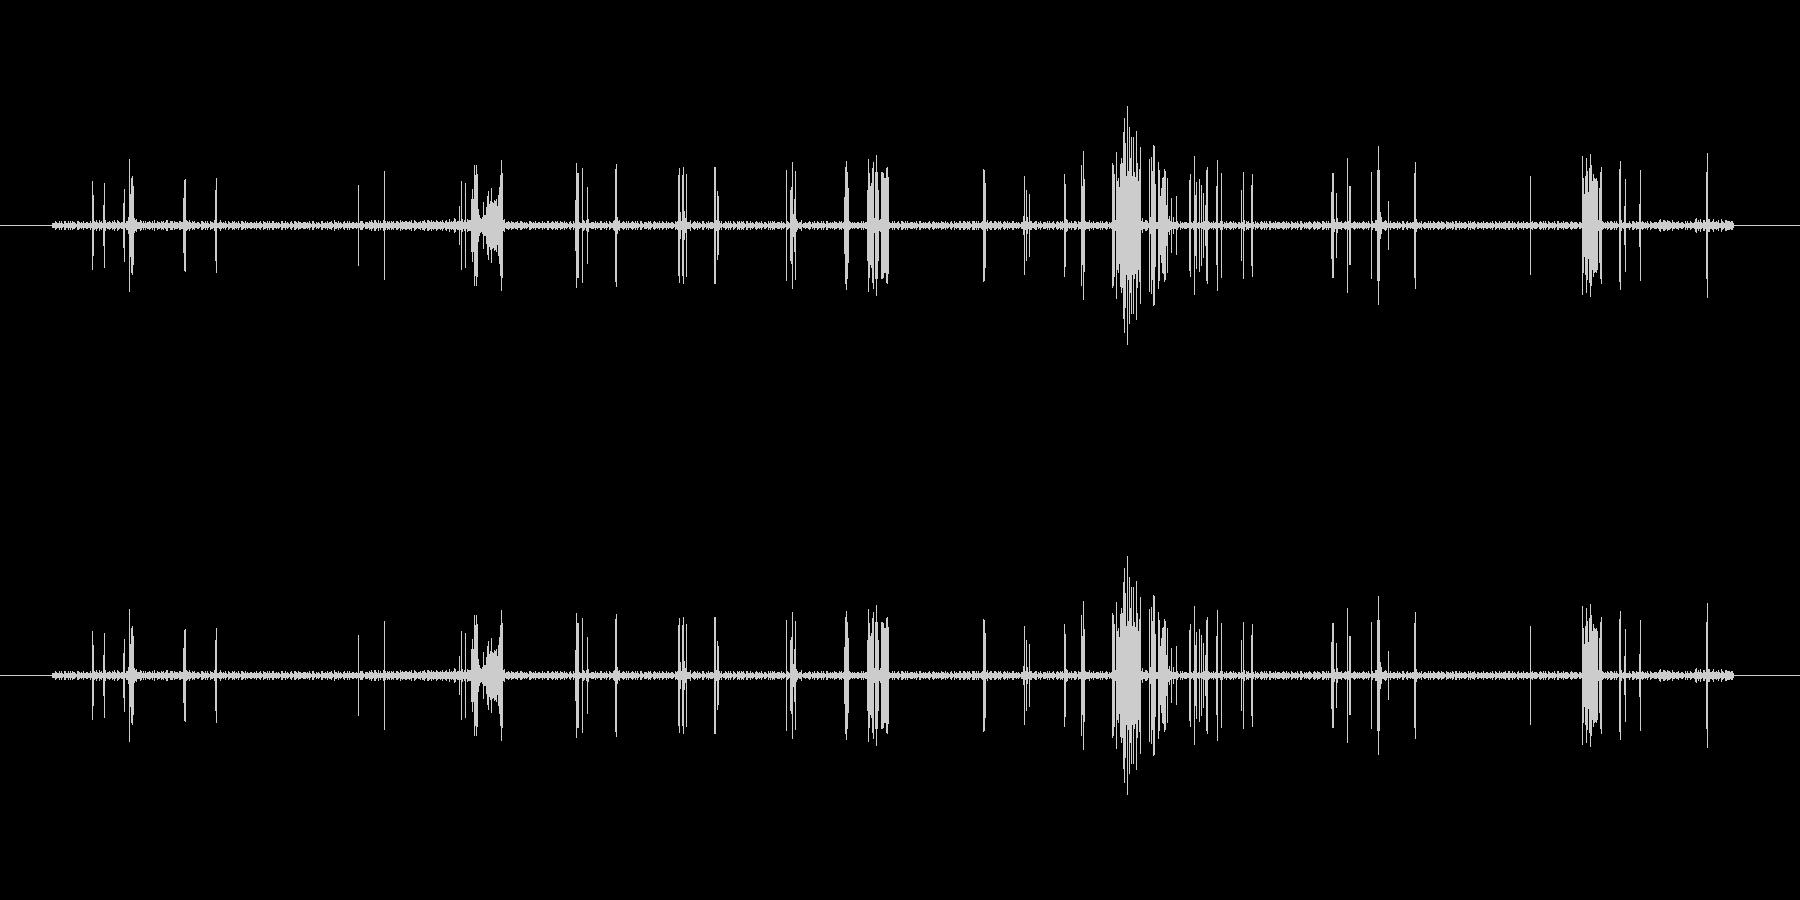 不安定なノイズ(ばちばち)の未再生の波形